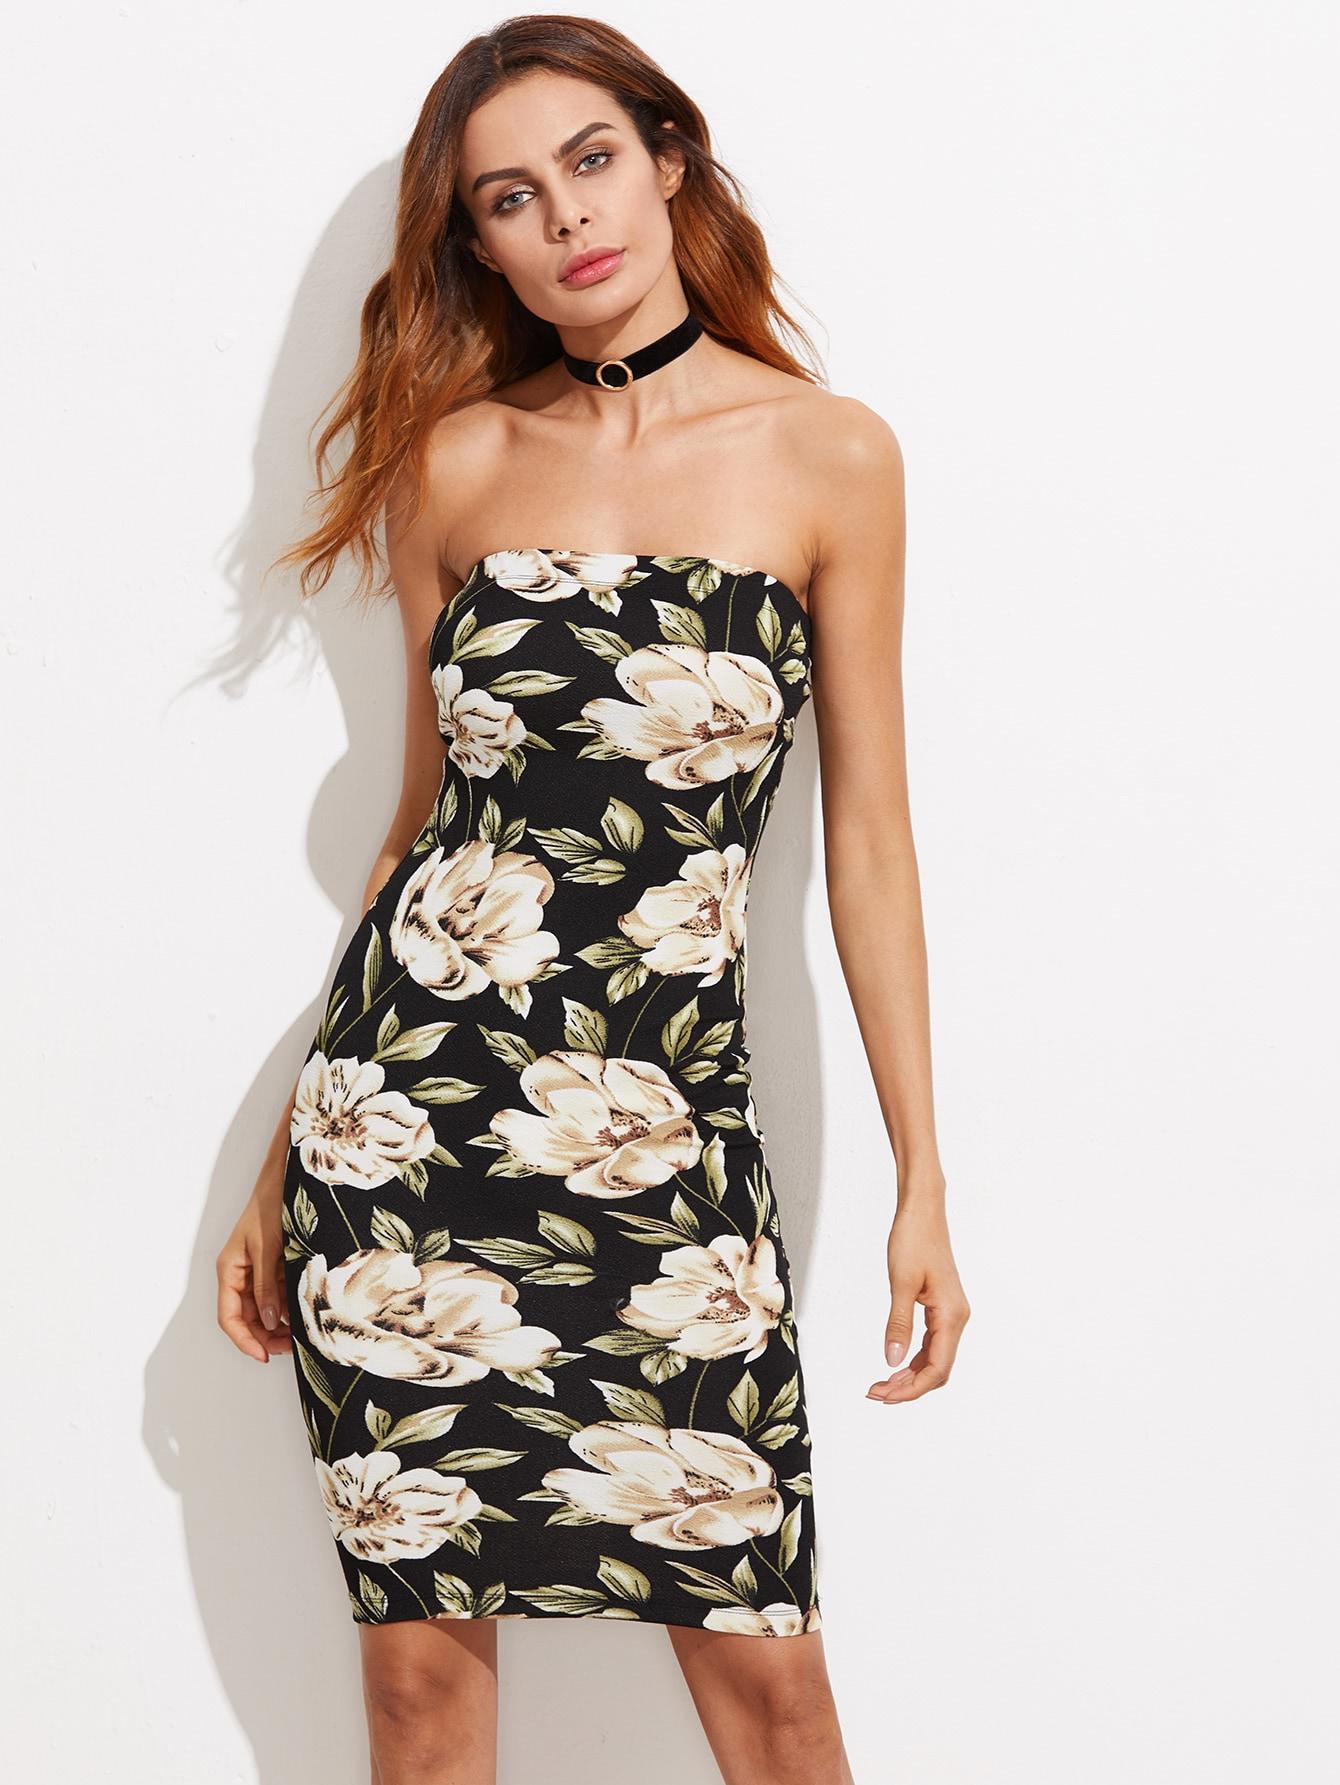 dress170412703_1